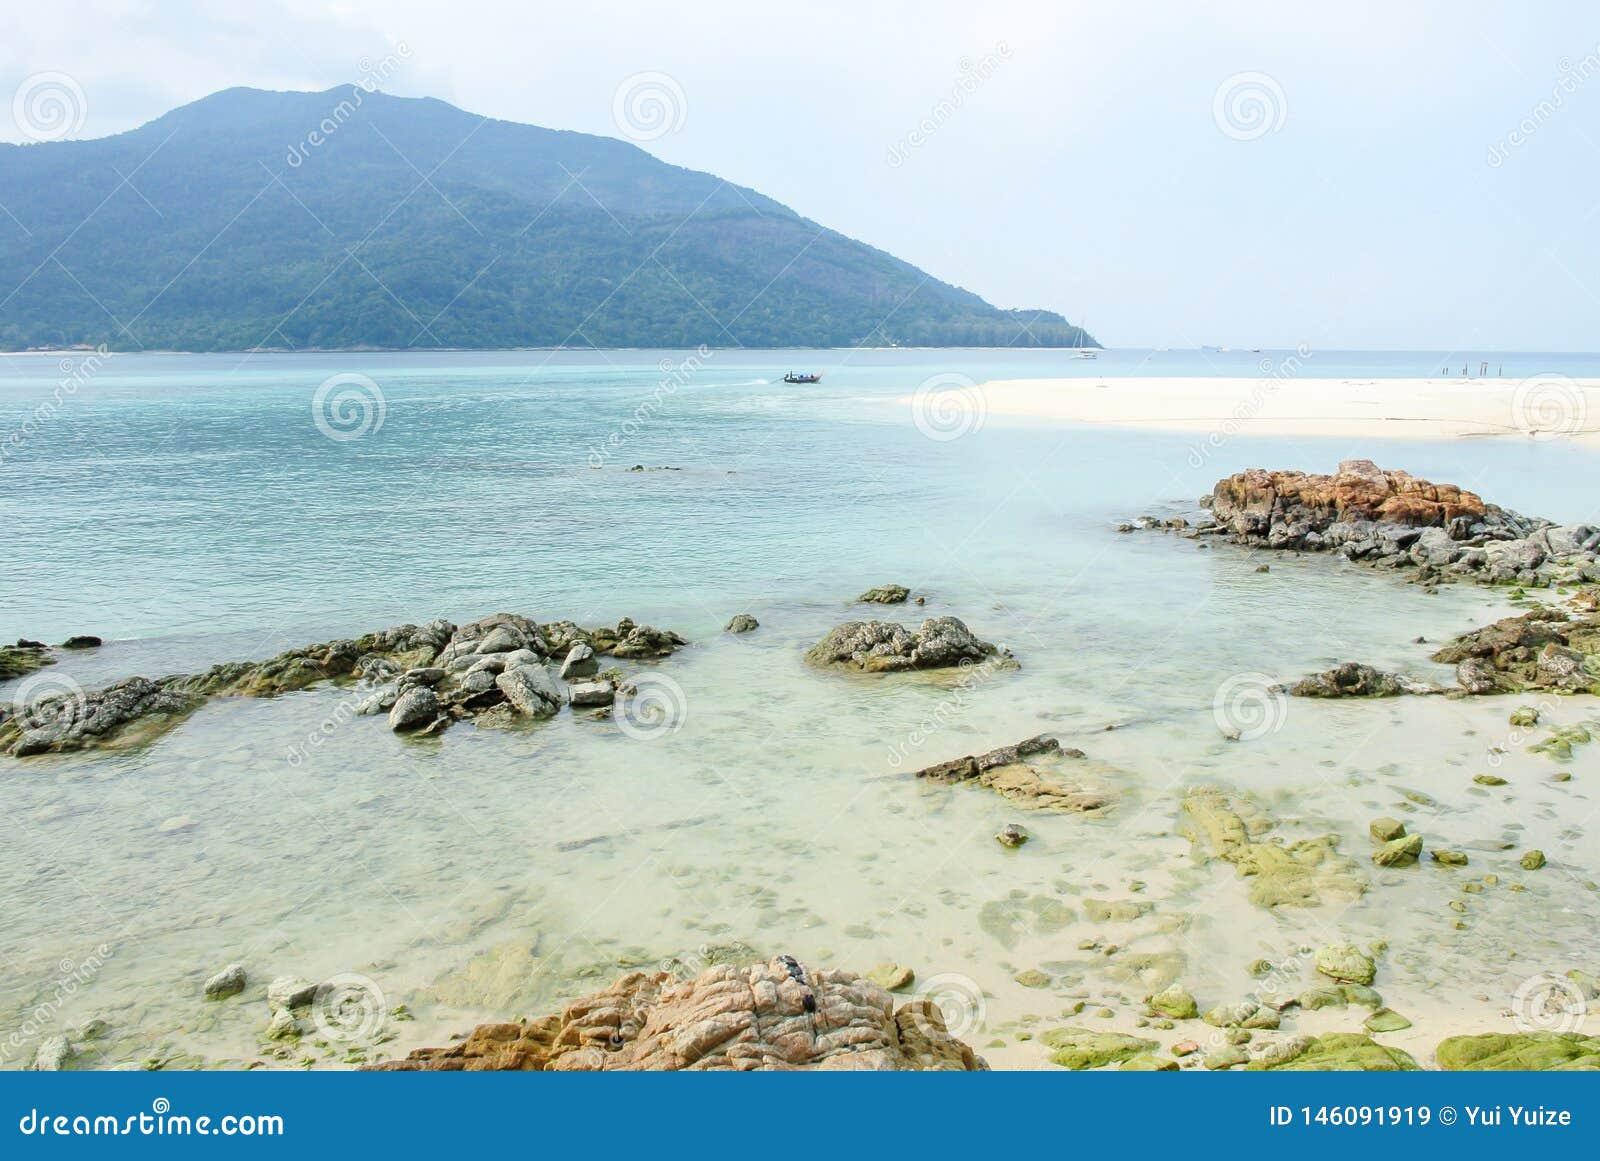 Paysage tropical de mer avec des montagnes et des roches